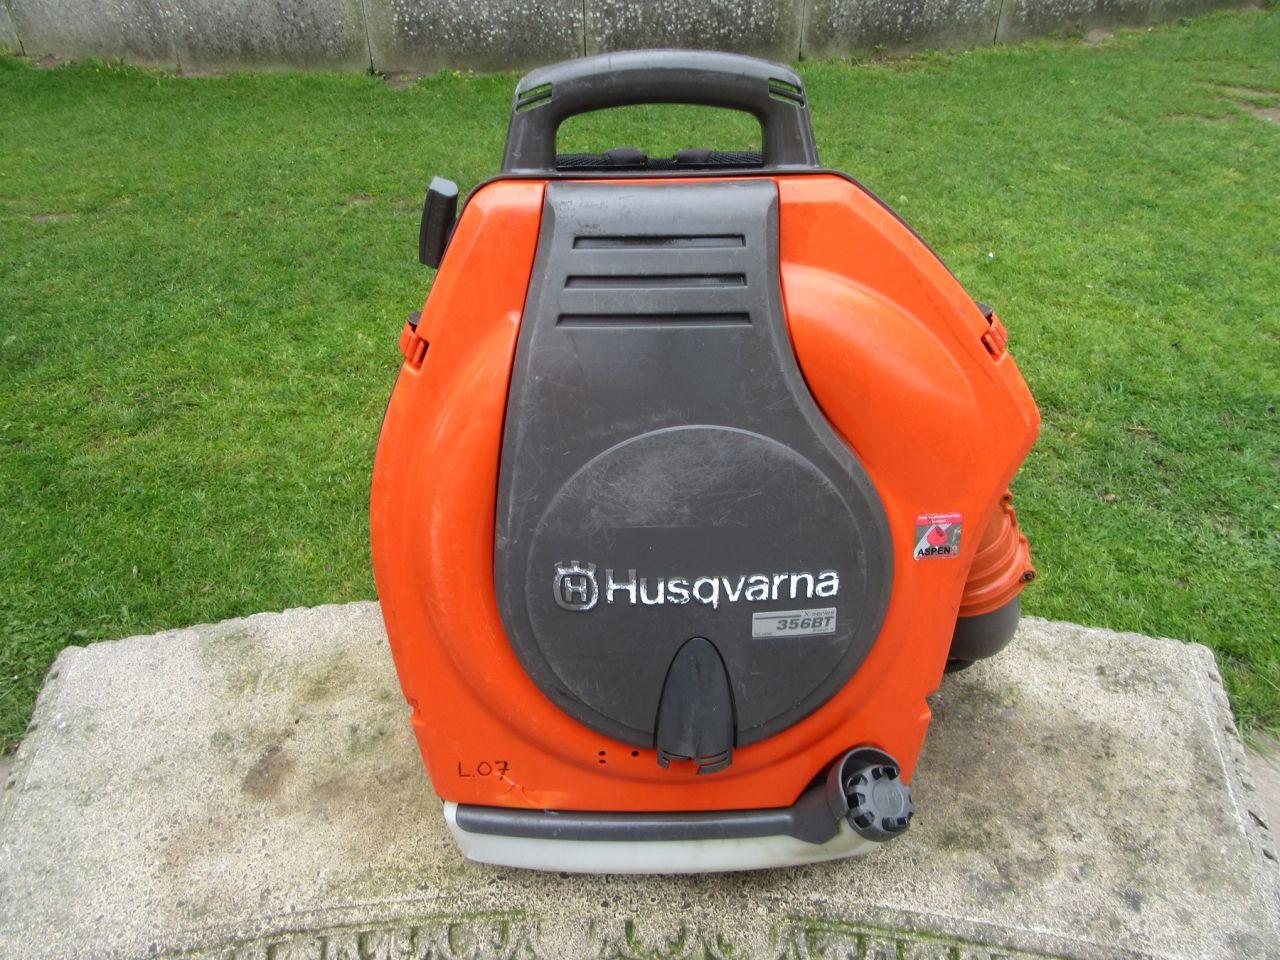 HUSQVARNA 356 BT